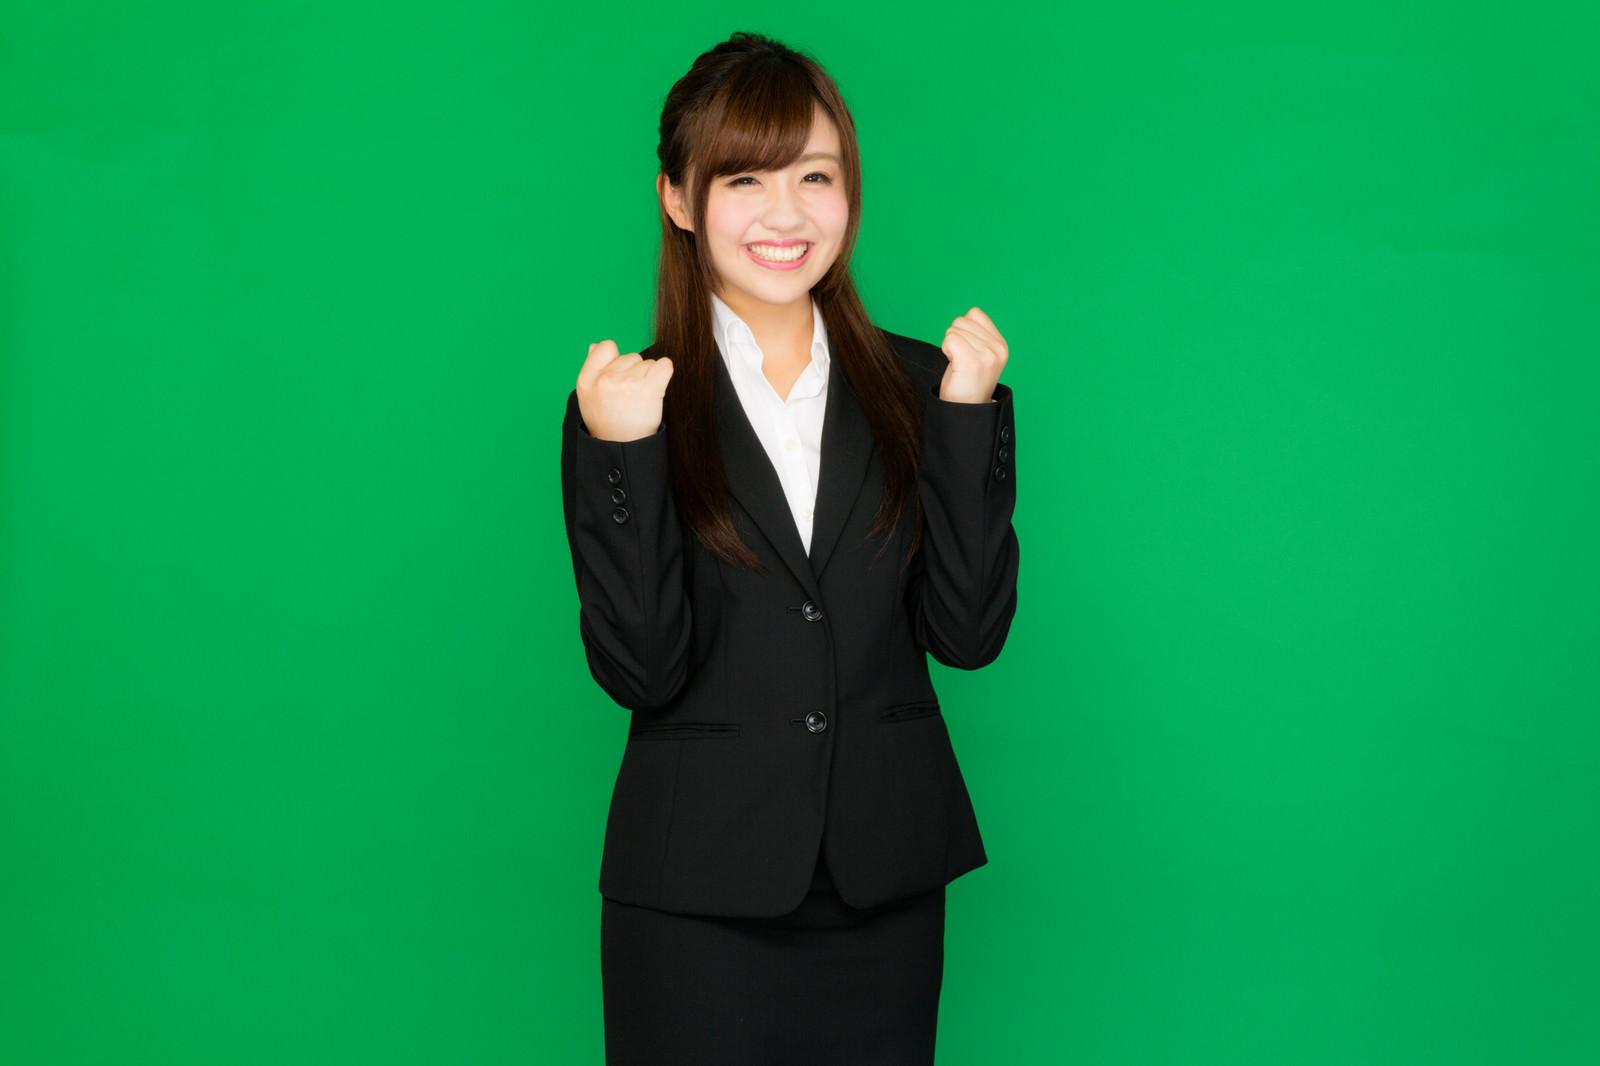 「お仕事、頑張っていきましょう!(グリーンバック) | 写真の無料素材・フリー素材 - ぱくたそ」の写真[モデル:河村友歌]